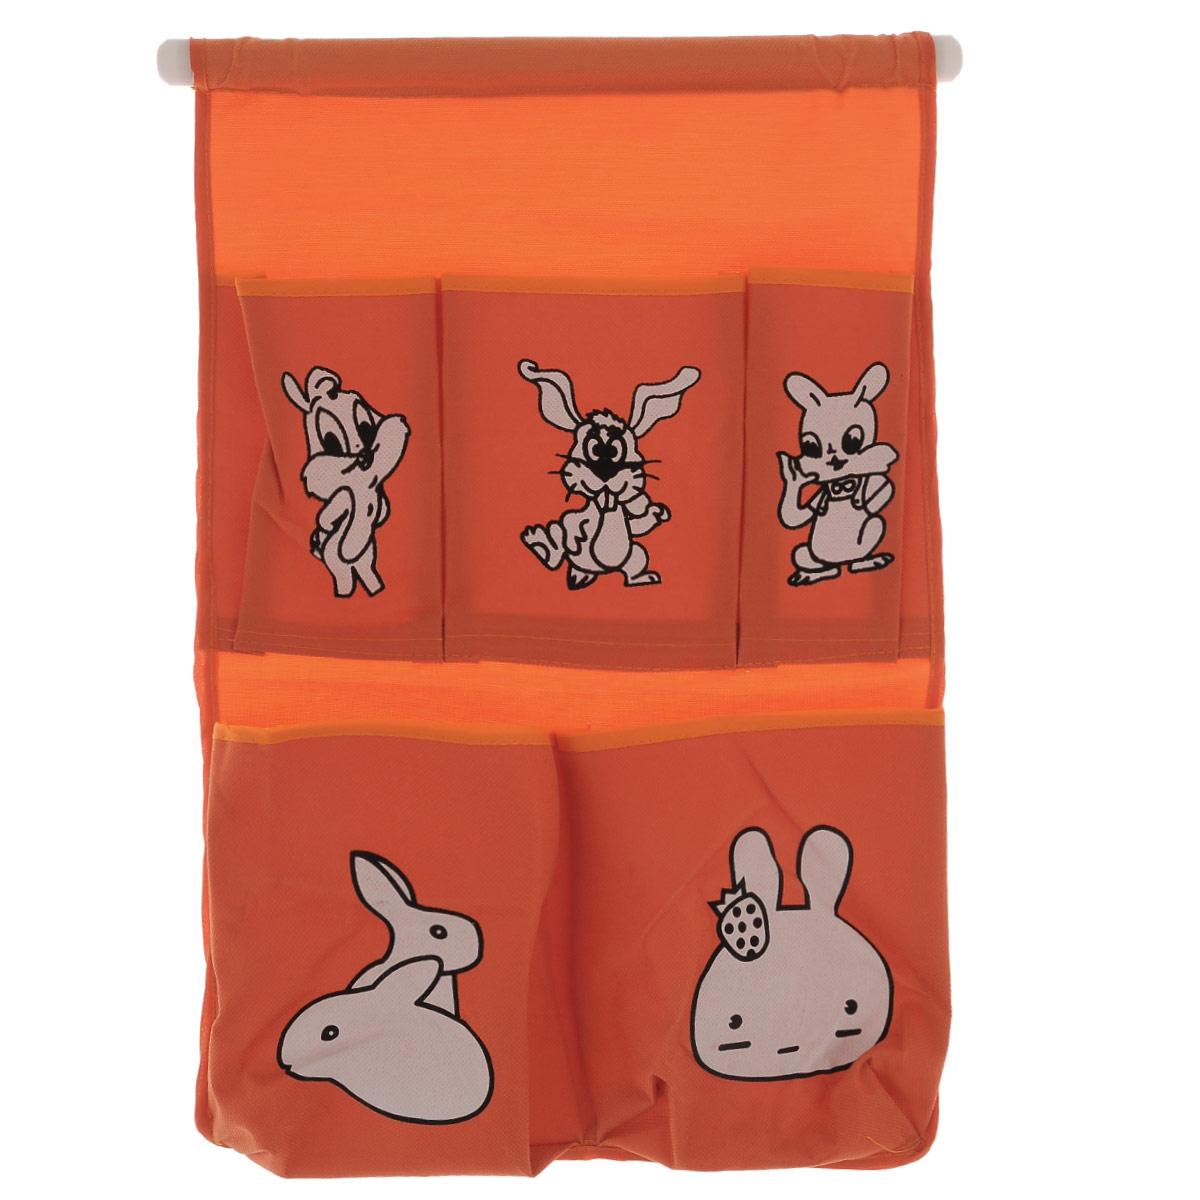 Органайзер для хранения Sima-land Зайчата, цвет: оранжевый, 5 отделенийCLP446Органайзер Sima-land, изготовленный из текстиля, предназначен для хранения необходимых вещей, множества мелочей в гардеробной, ванной, детской комнатах. Изделие оснащено 5 кармашками, пришитыми к текстильному полотну. Этот нужный предмет может стать одновременно и декоративным элементом комнаты. Размер самого большого отделения (ДхШ): 14,5 см х 16 см. Размер самого маленького отделения (ДхШ): 13,5 см х 7,5 см.